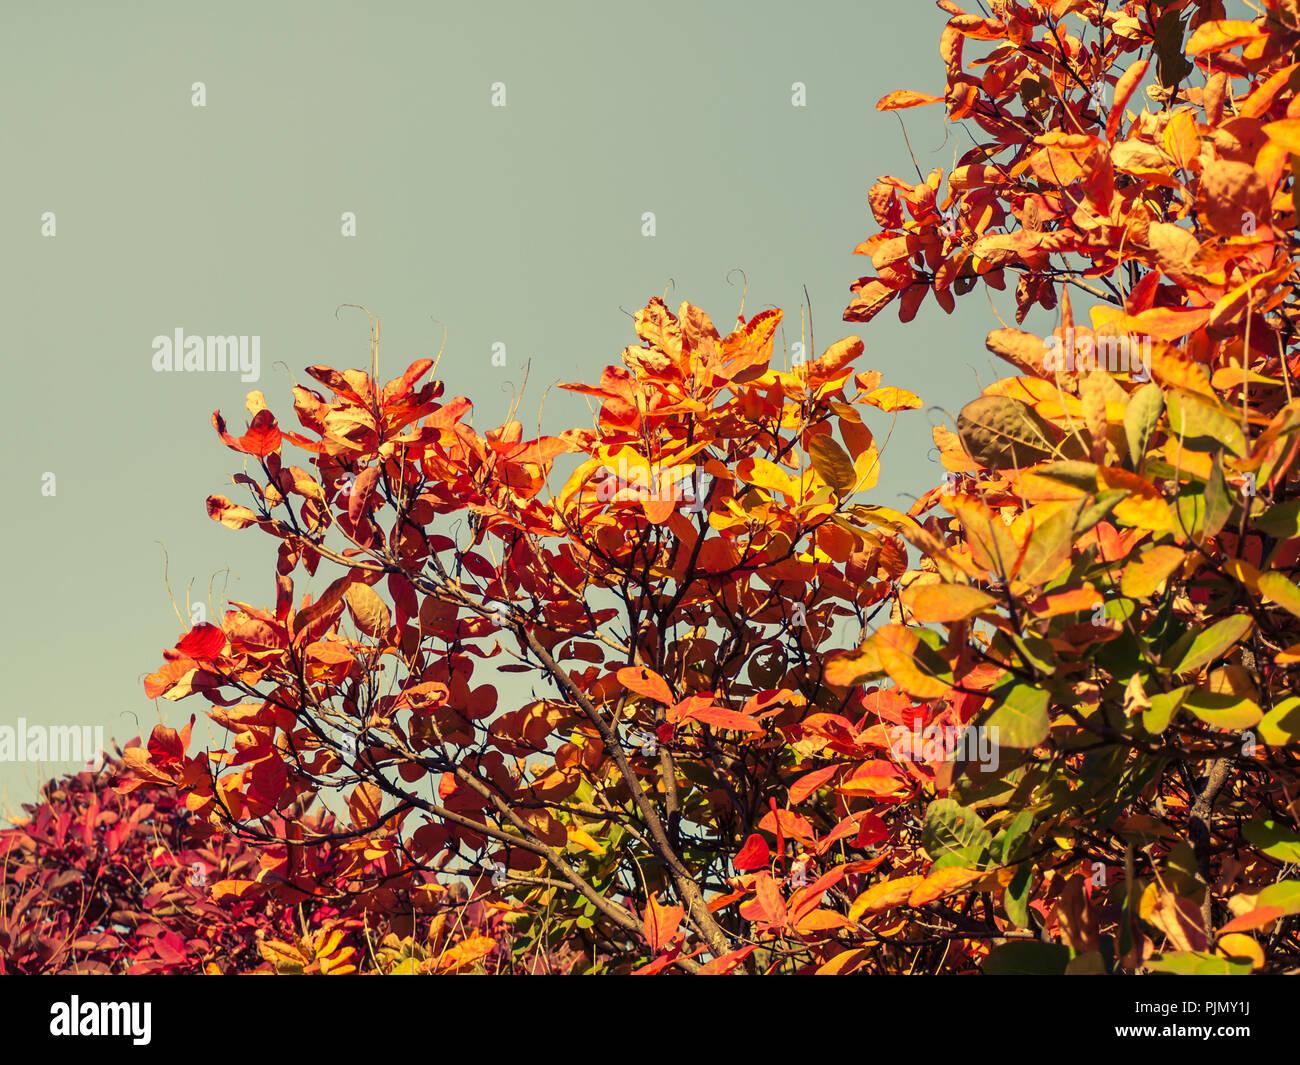 bäume und büsche mit roten und gelben blätter im wald im